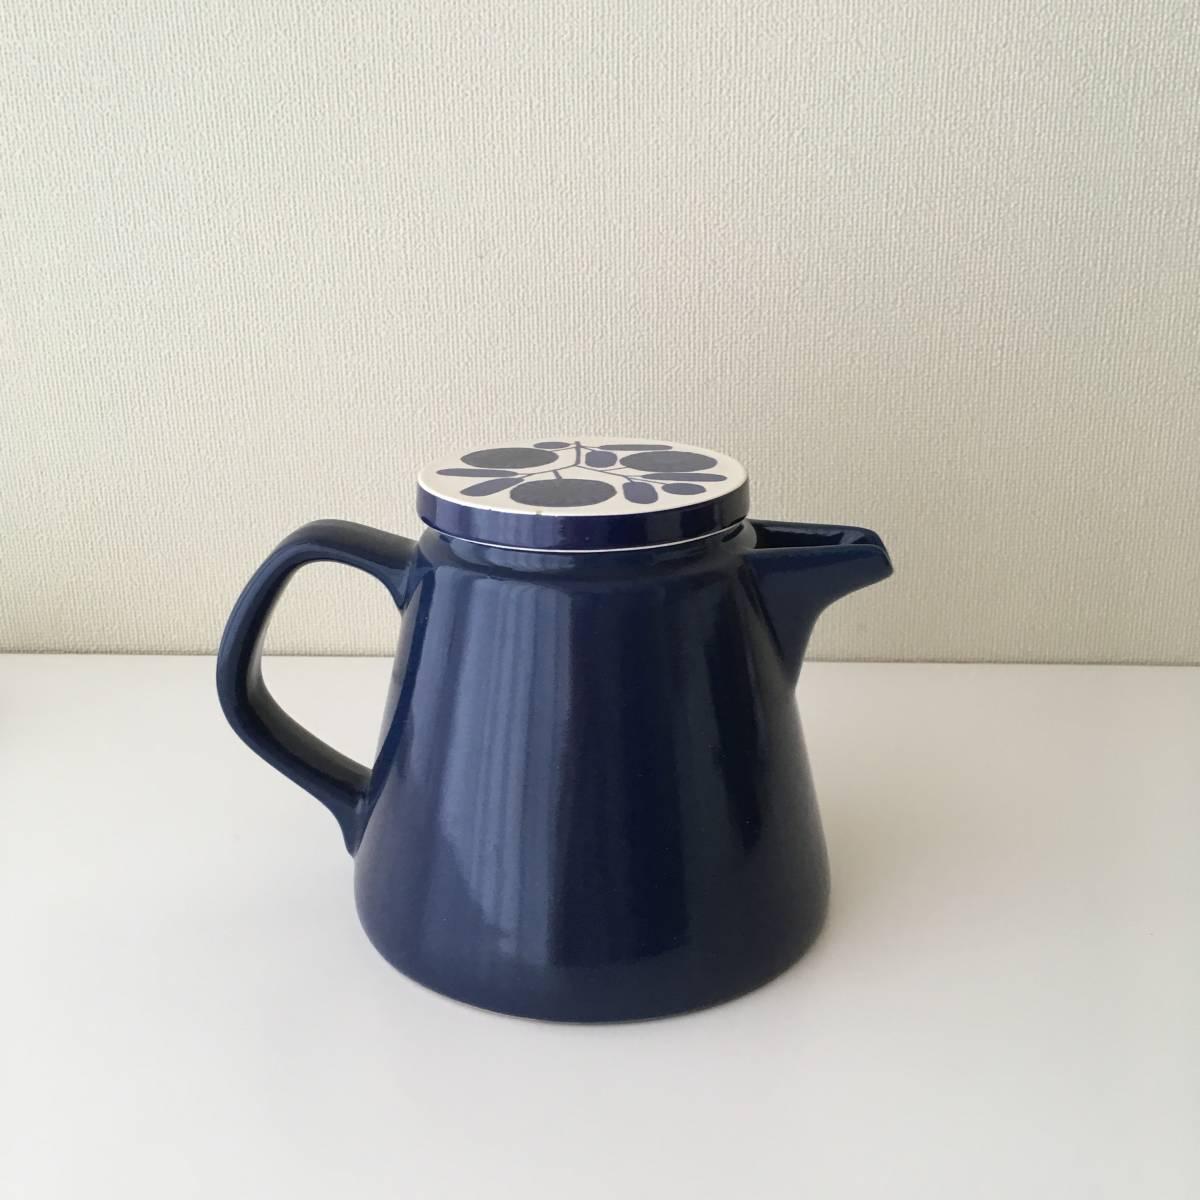 北欧ヴィンテージ ビンテージ 北欧雑貨 コーヒーポット フィルター 陶器製_画像3